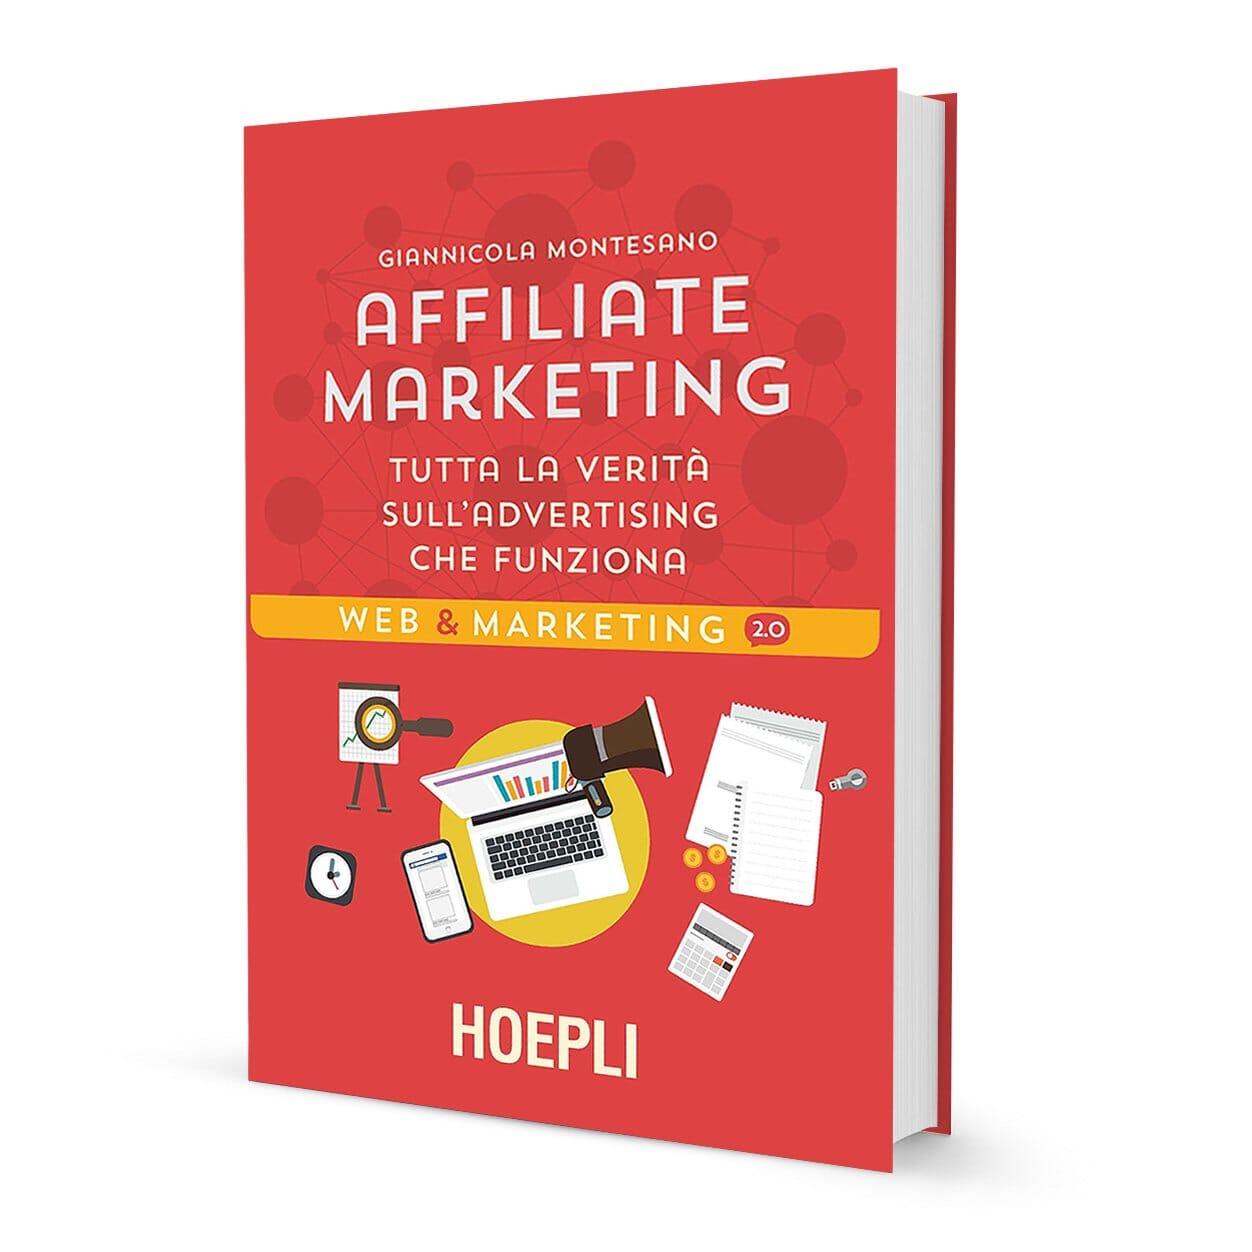 Affiliate-Marketing-Tutta-la-verita-advertising-che-funziona-libri-seo-2018